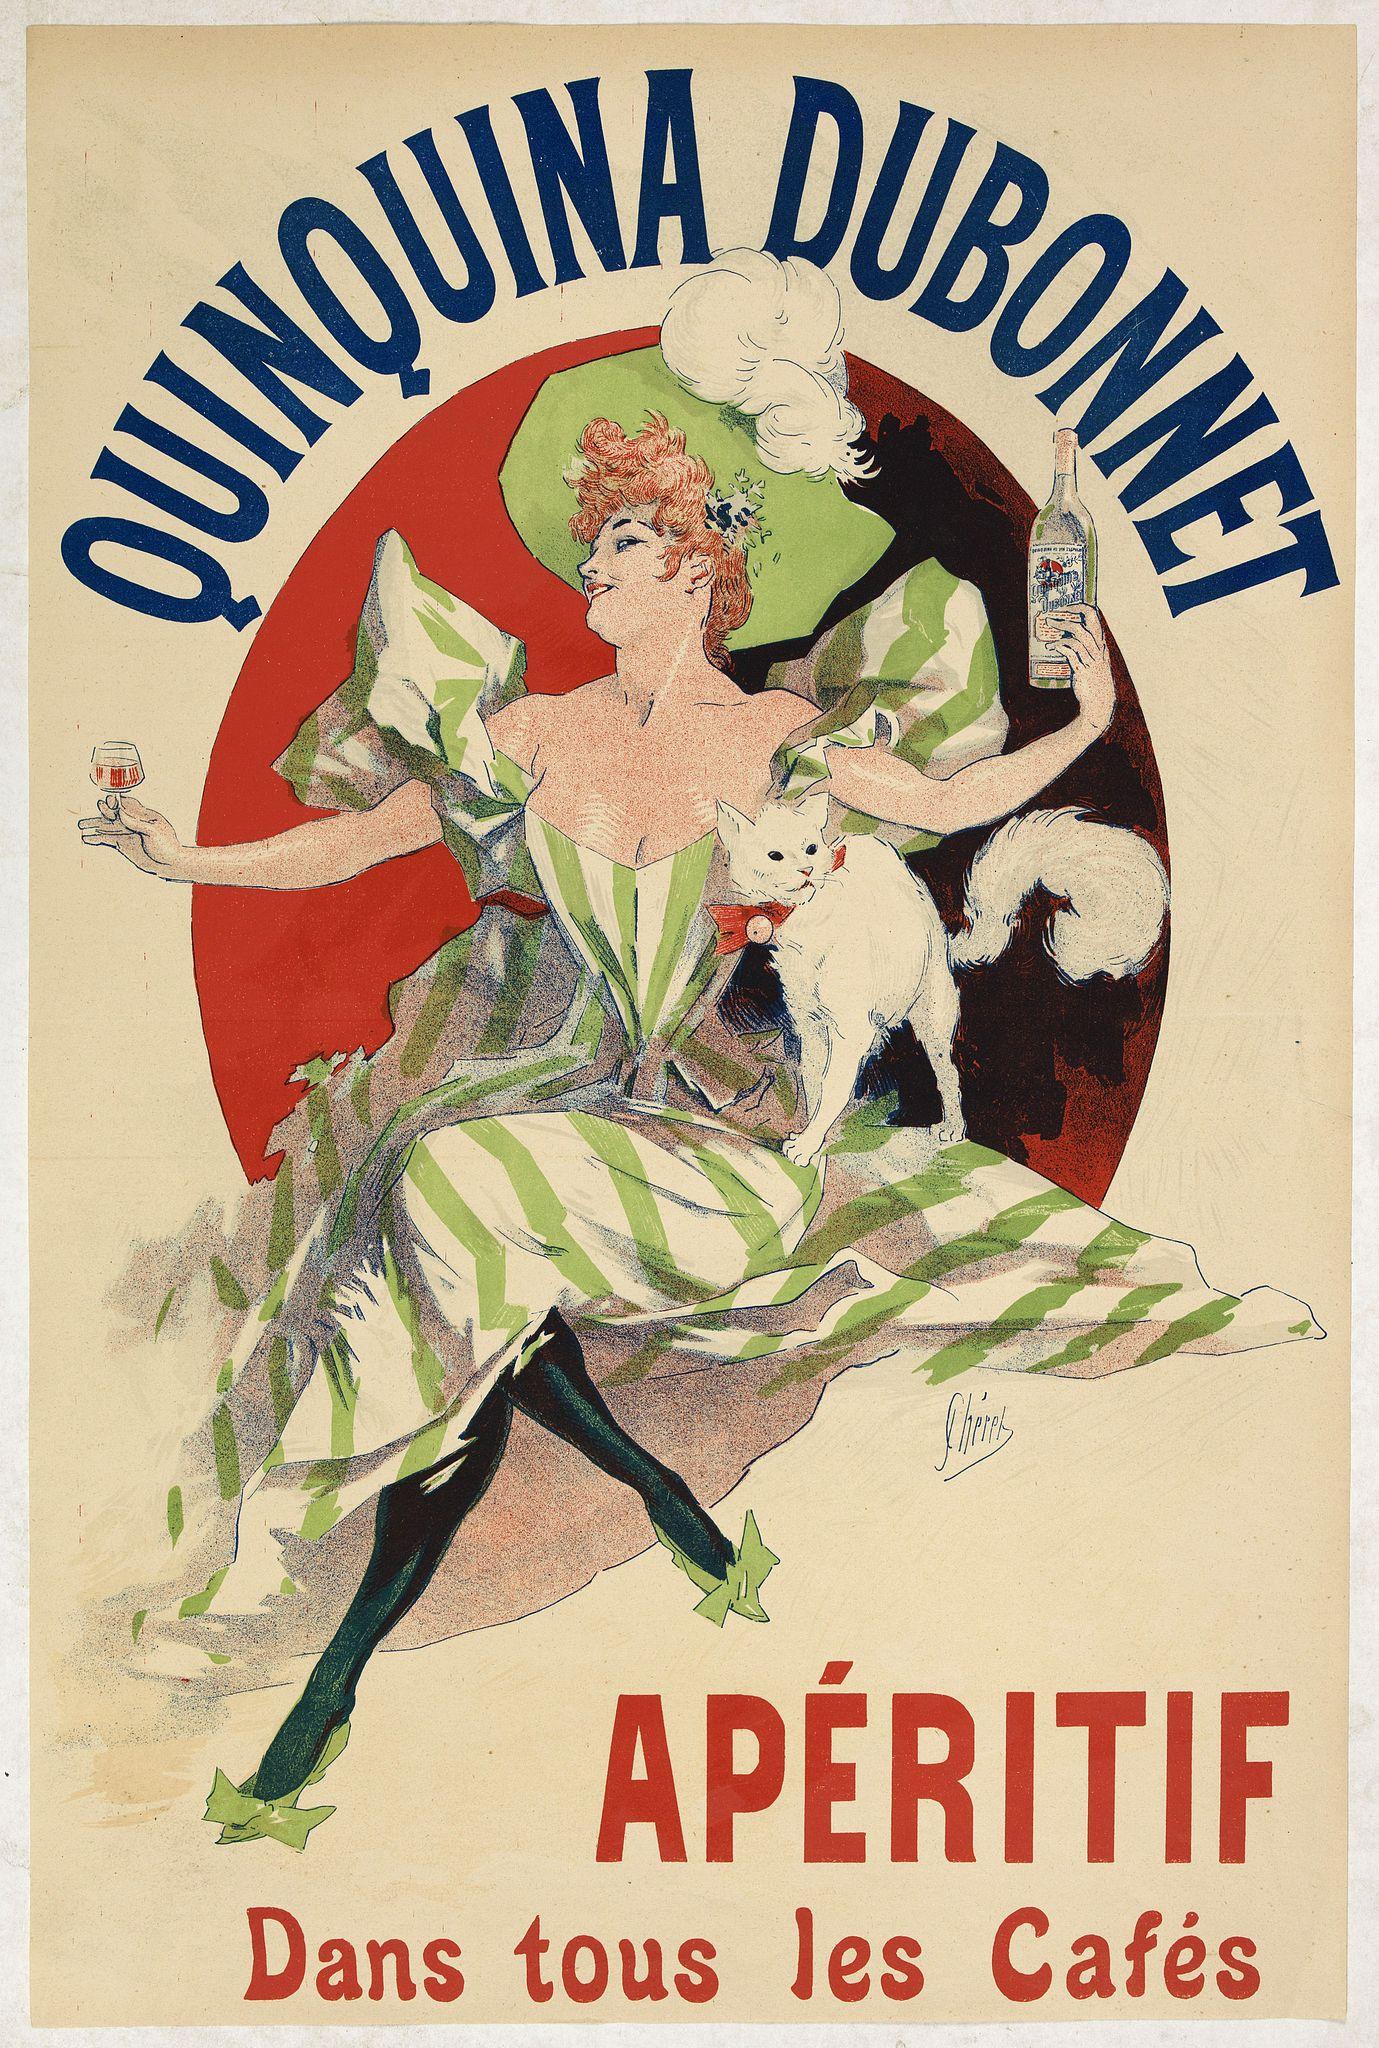 CHERET, J. -  Quinquina Dubonnet, apéritif dans tous les cafés.